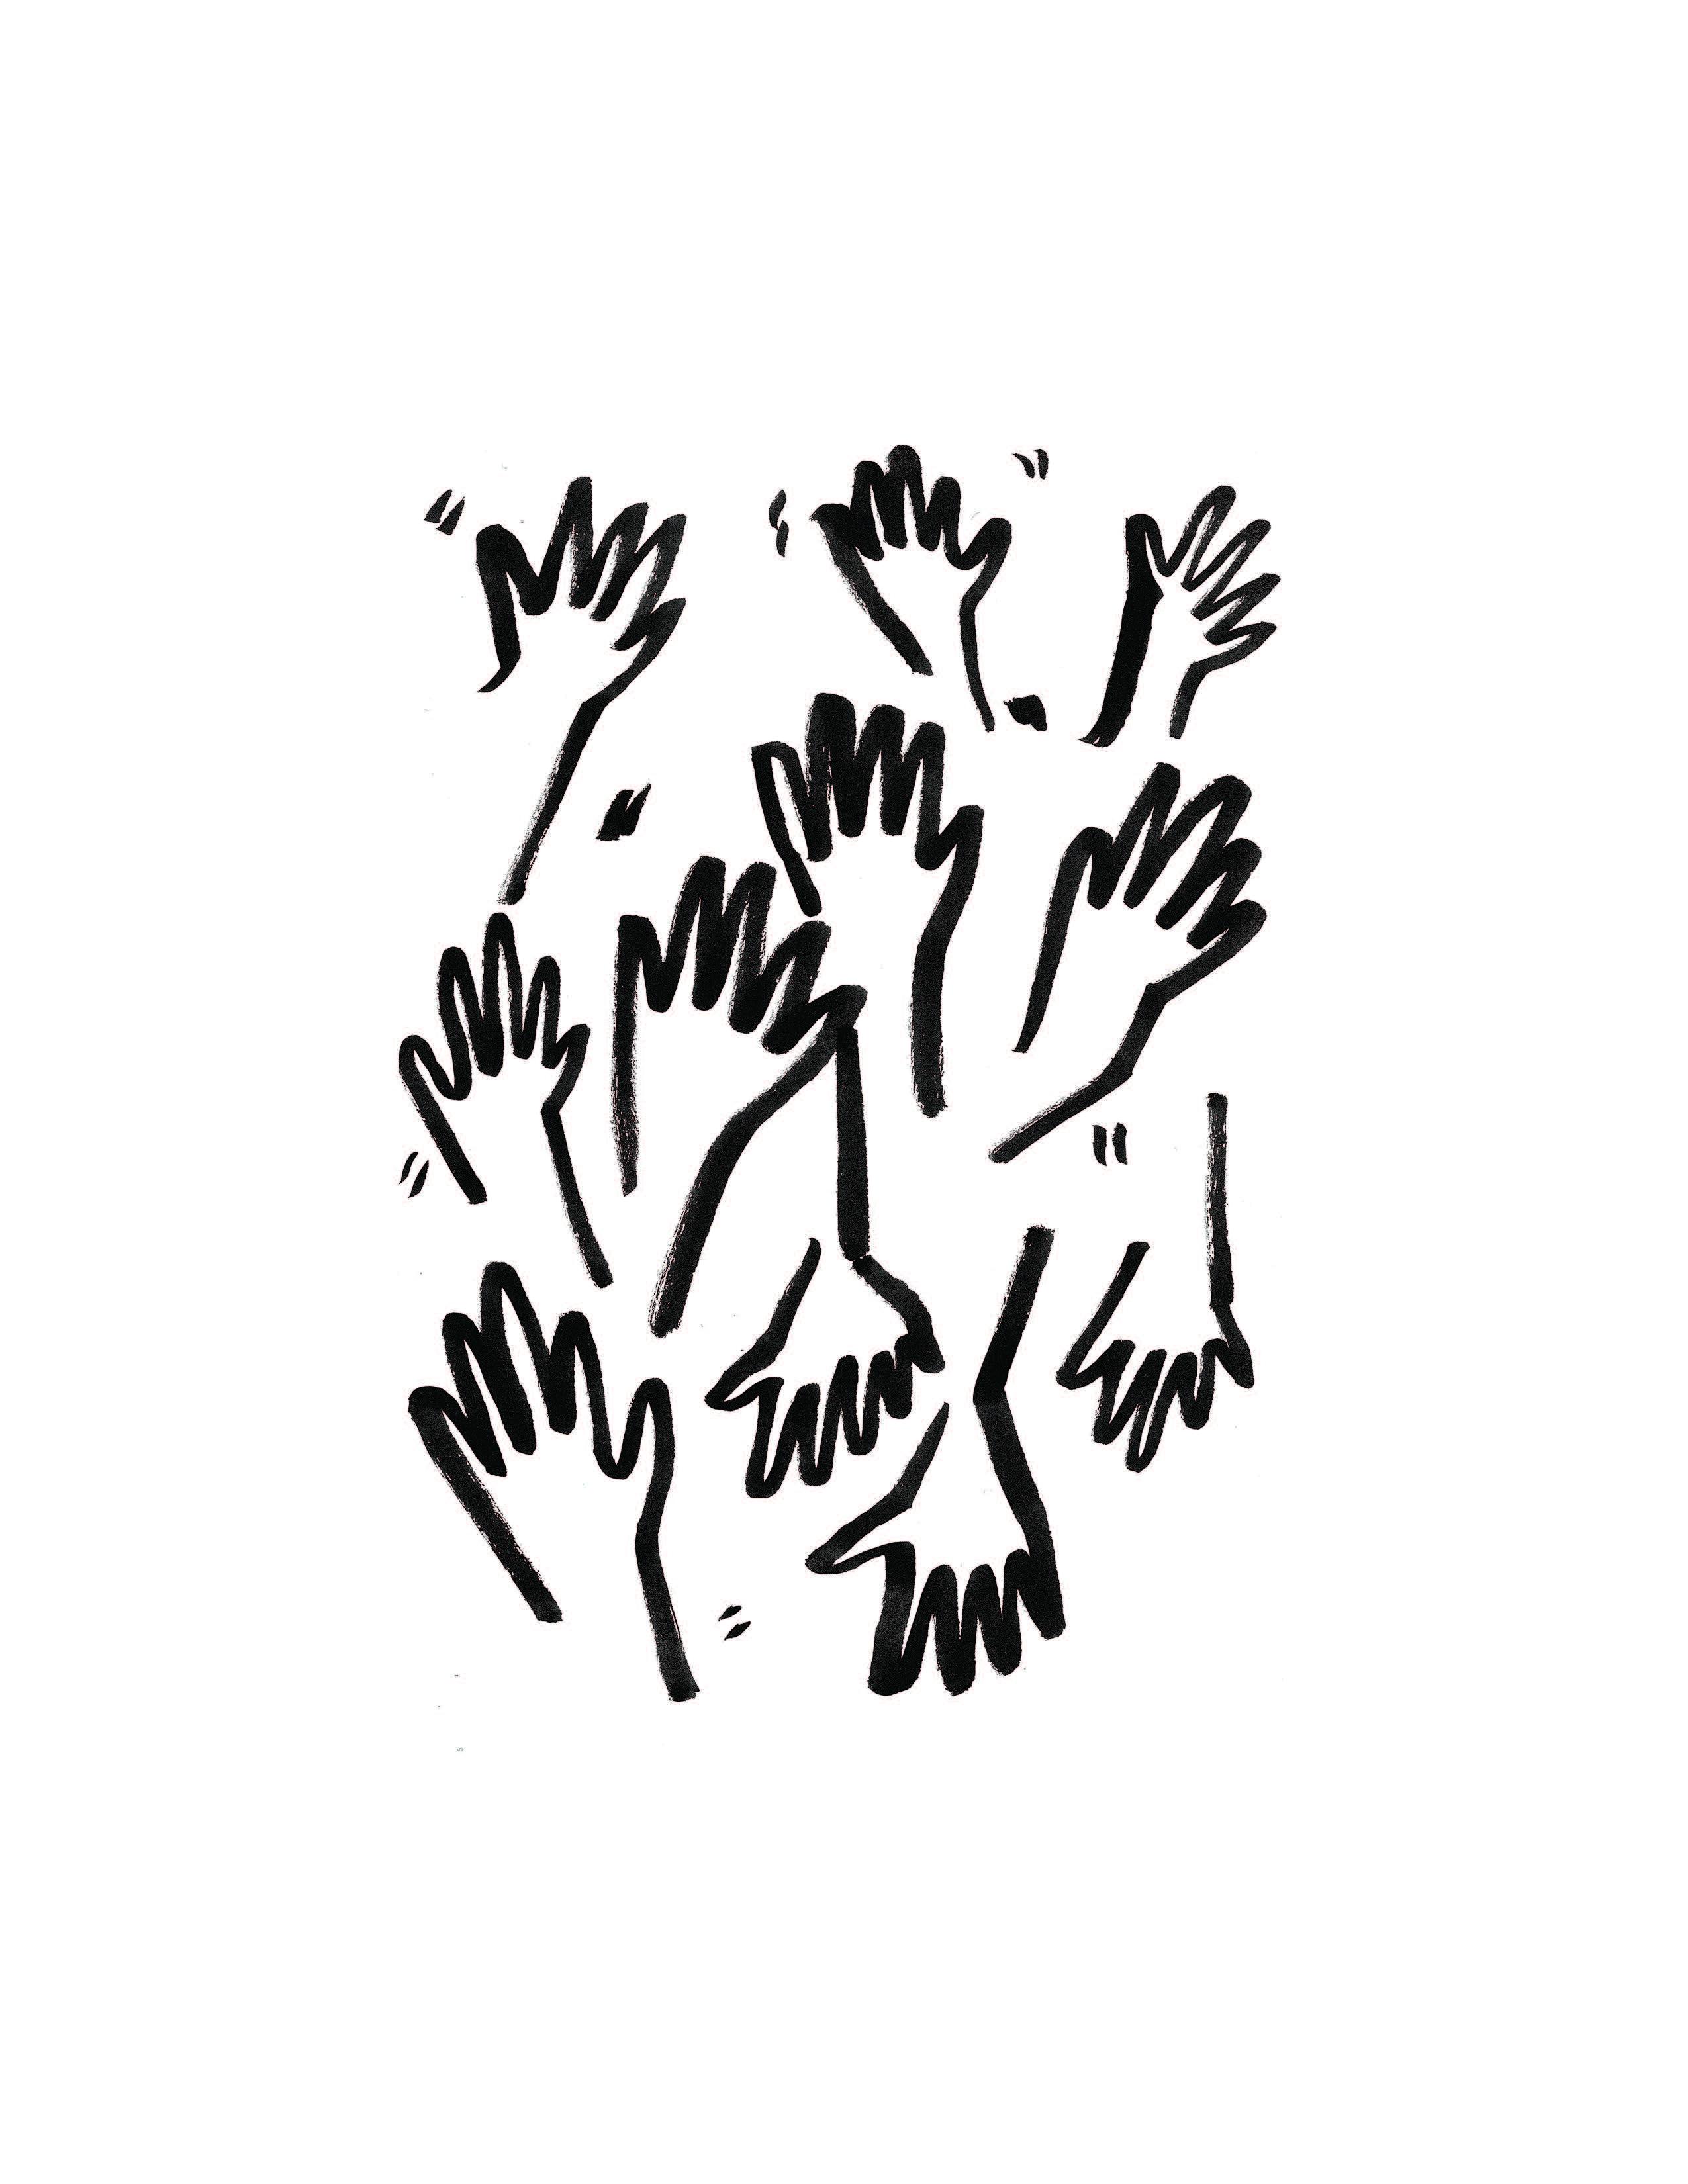 ladies_drawings_8.5x11_Page_21